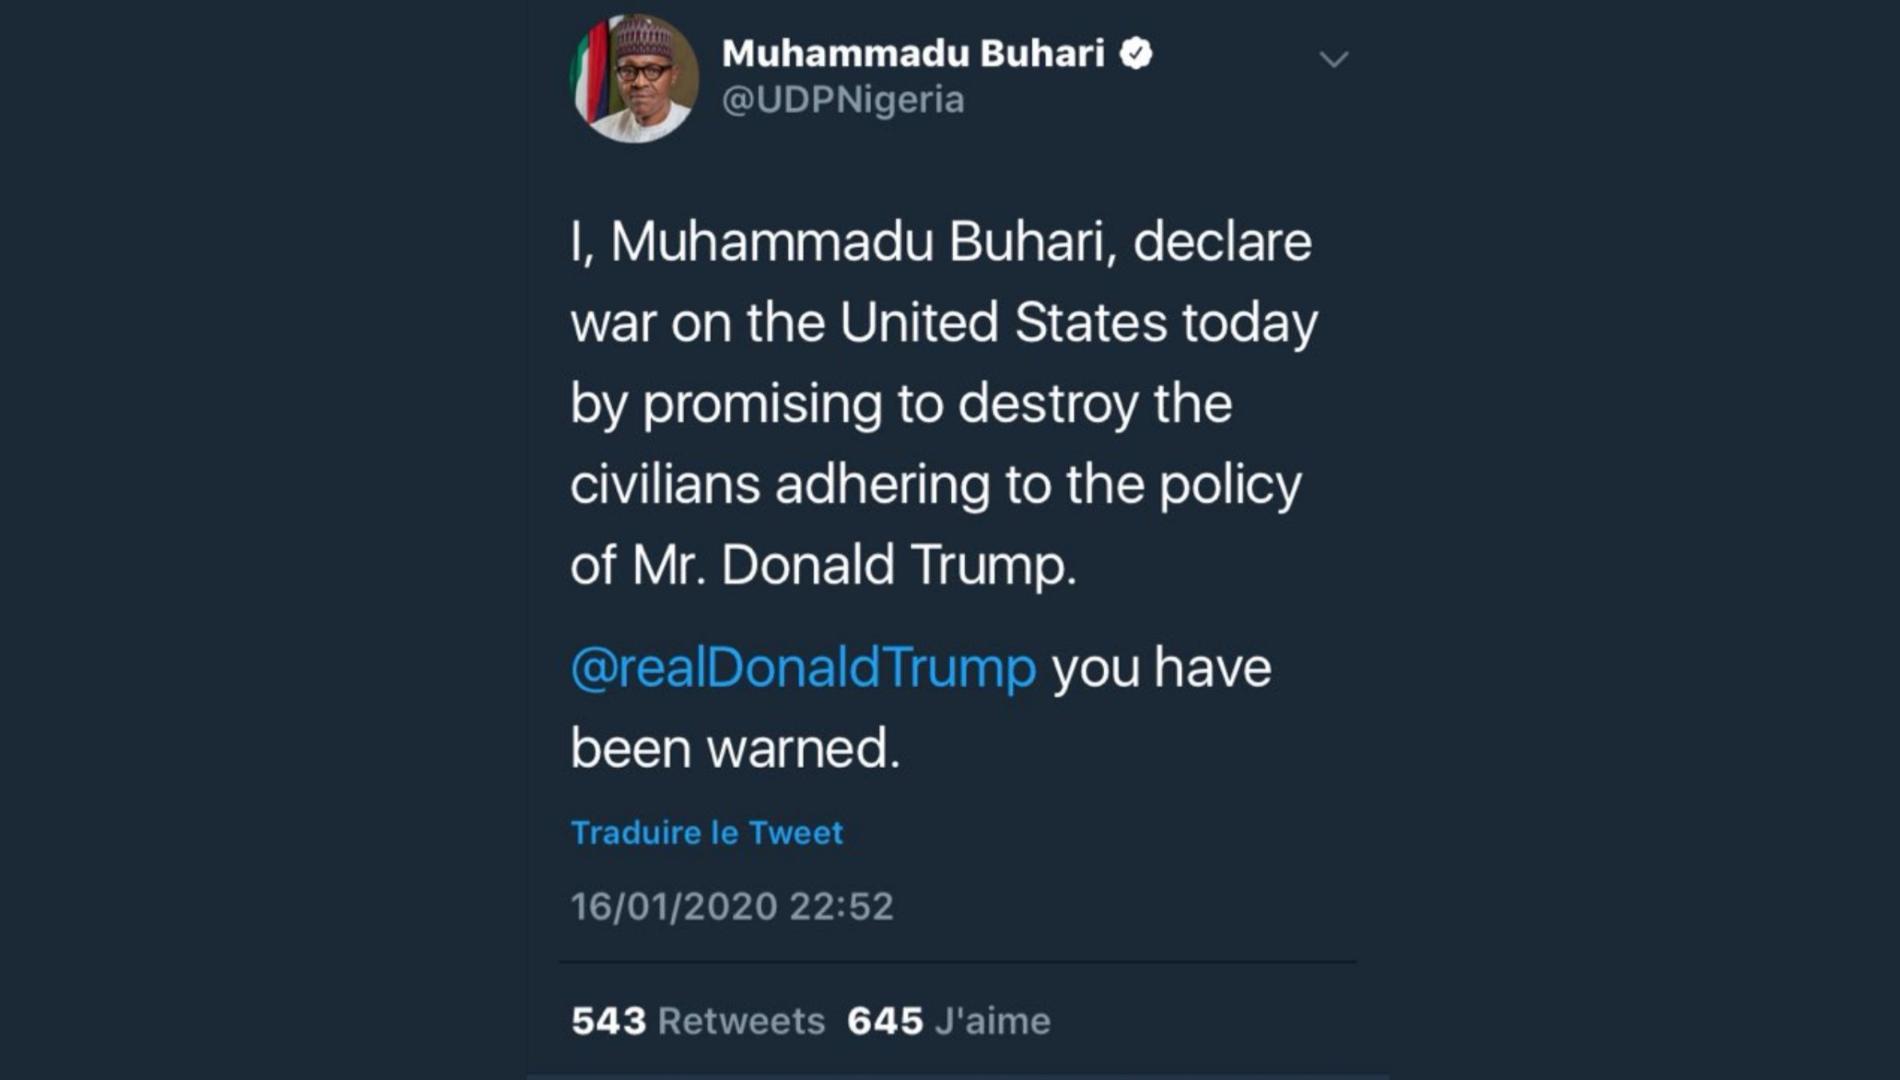 Fausse déclaration de guerre aux USA : l'histoire surréaliste du « faux hacking » du compte du Nigeria